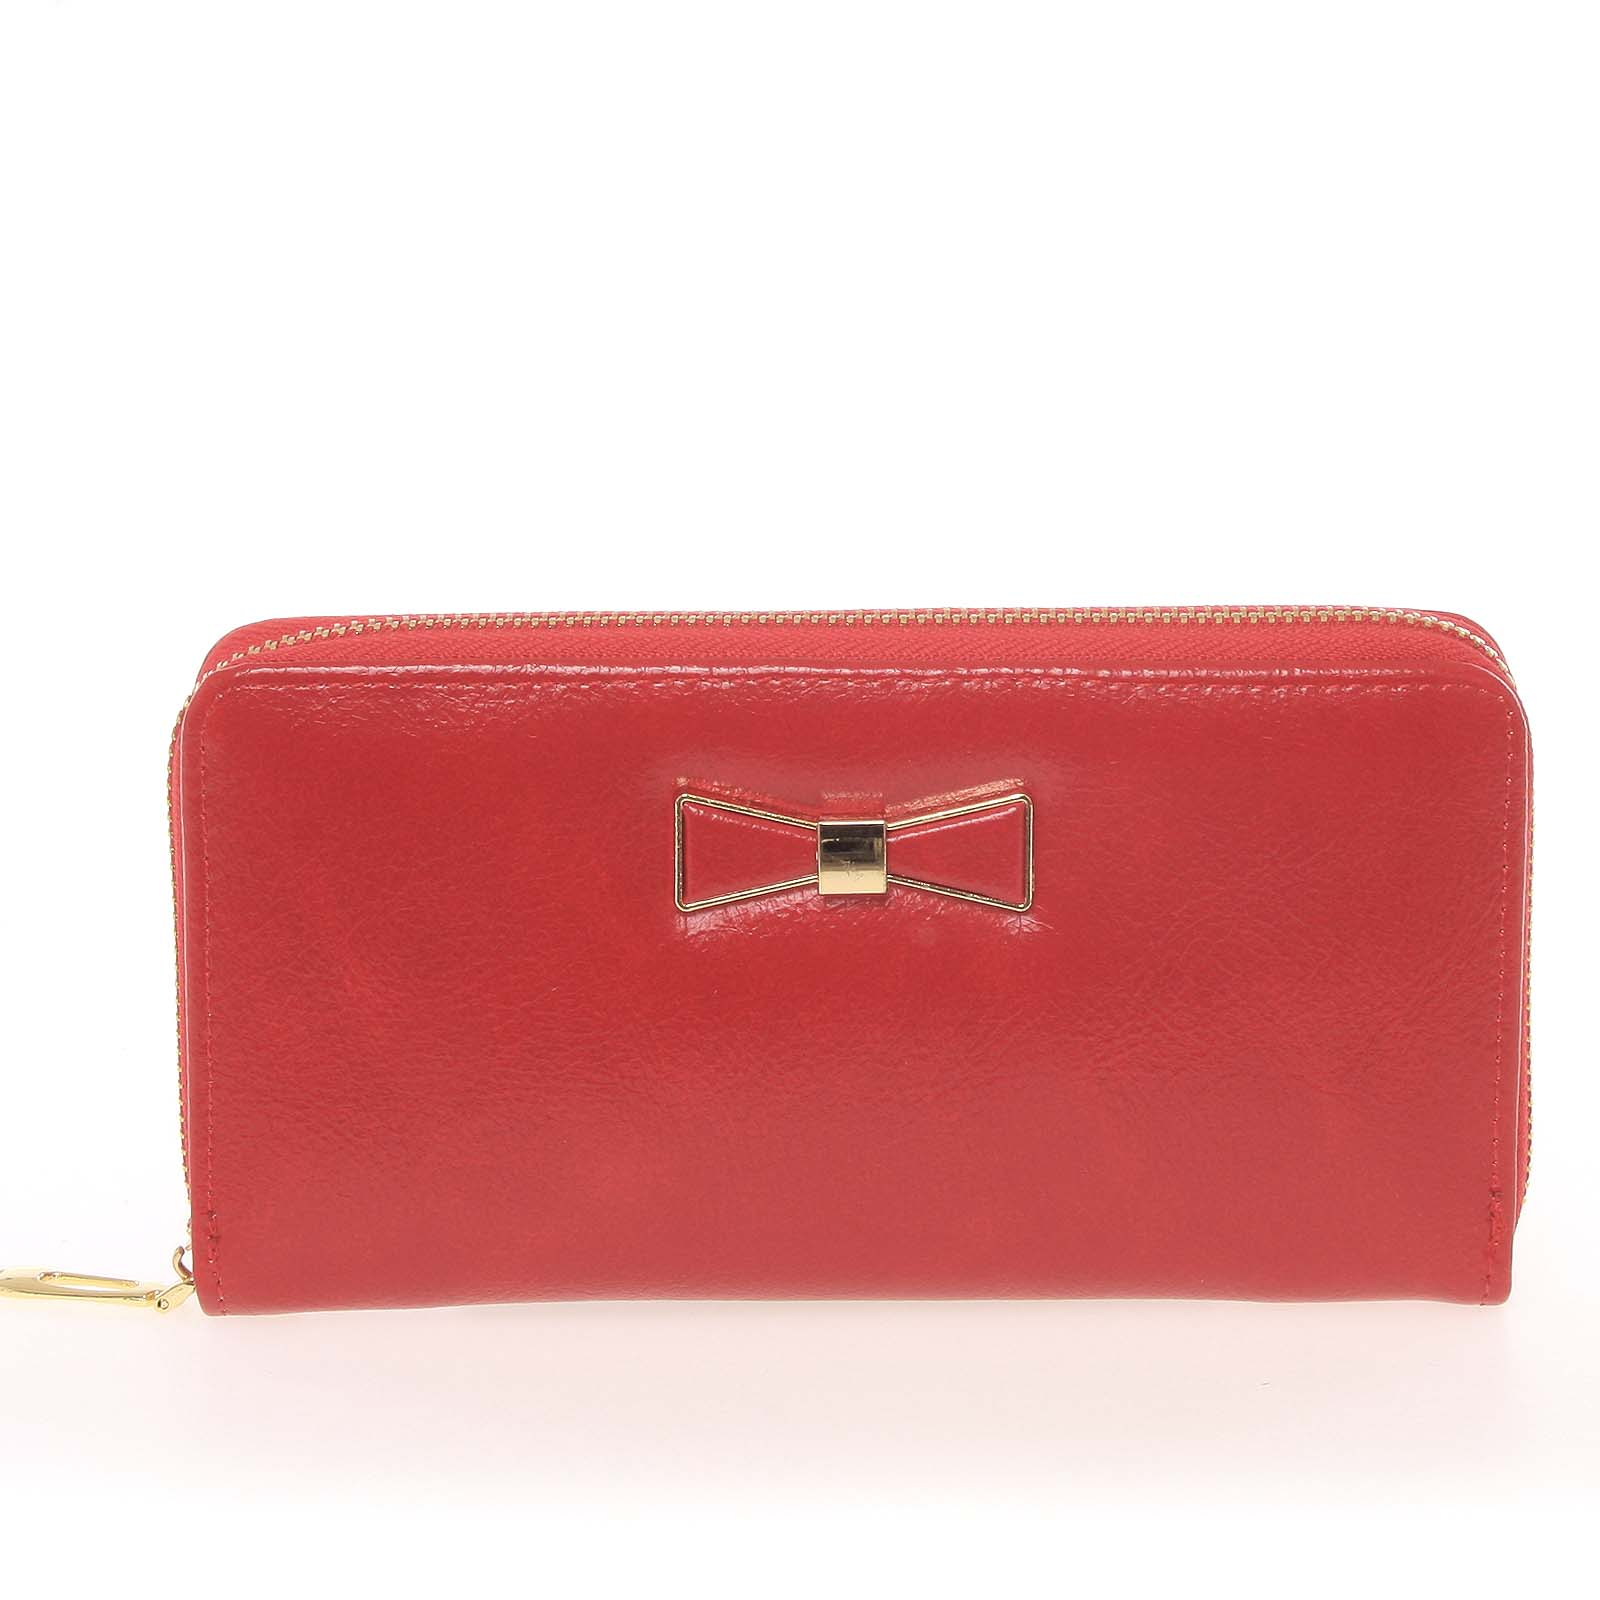 Moderní dámská peněženka s poutkem červená - Milano Design SF1821